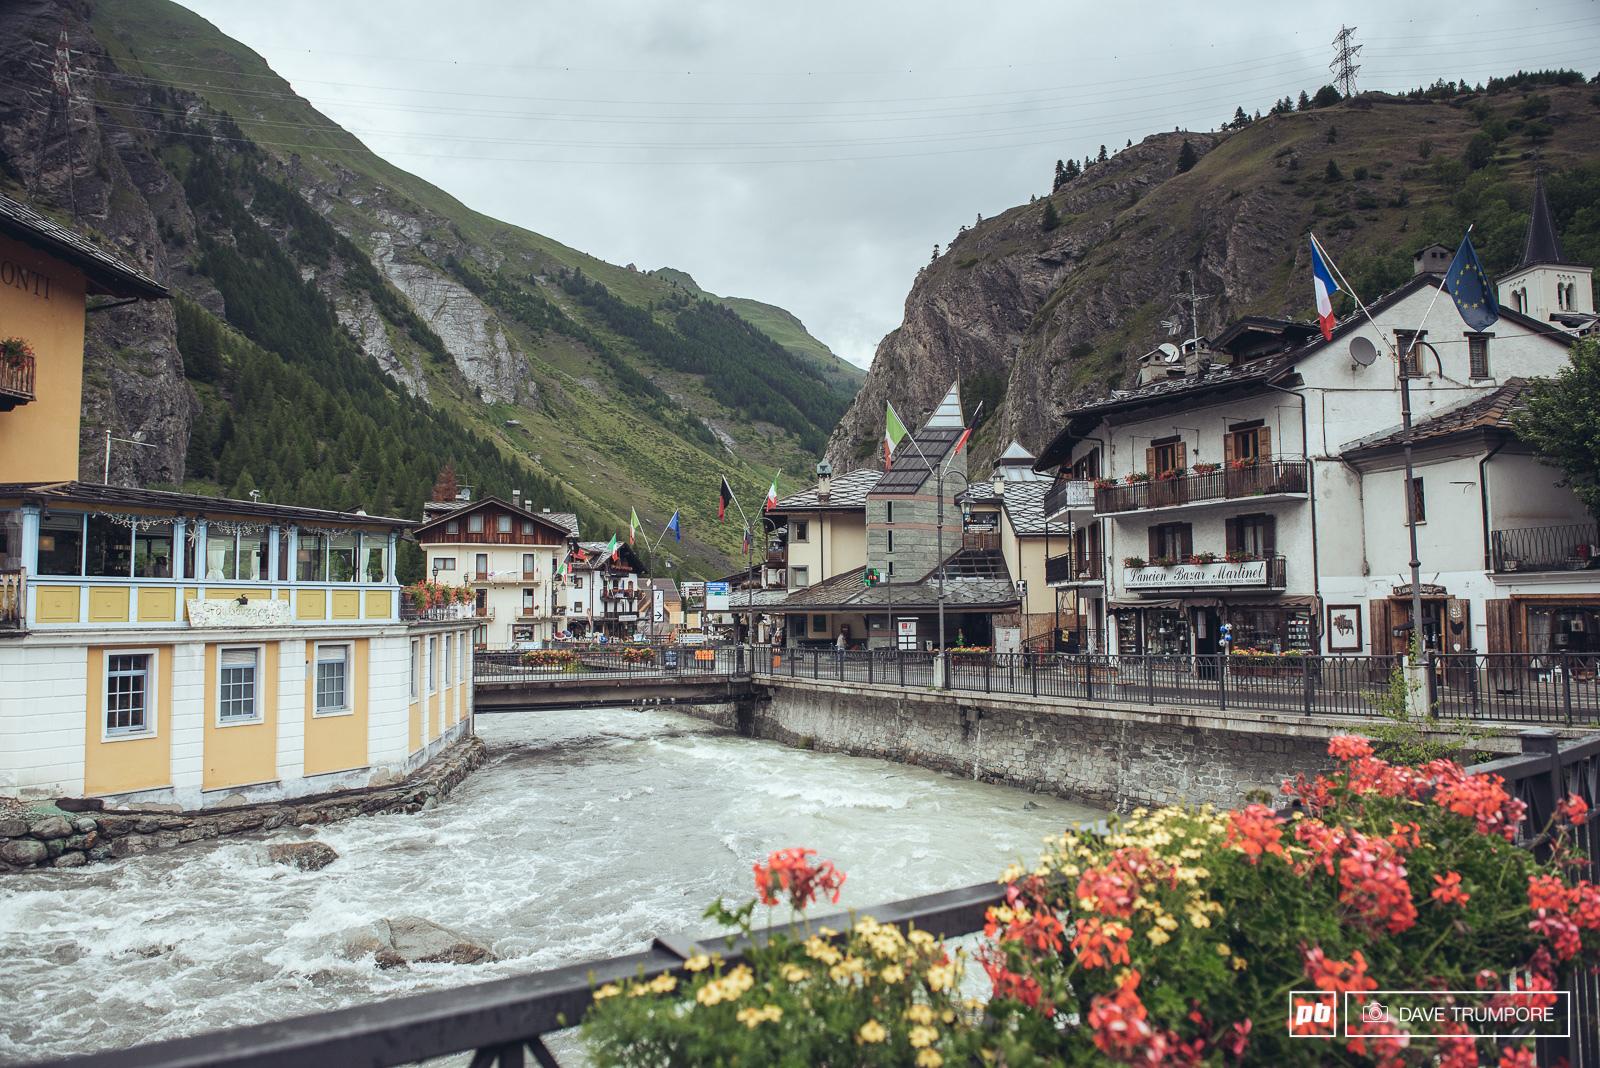 The alpine Village of La Thuile.